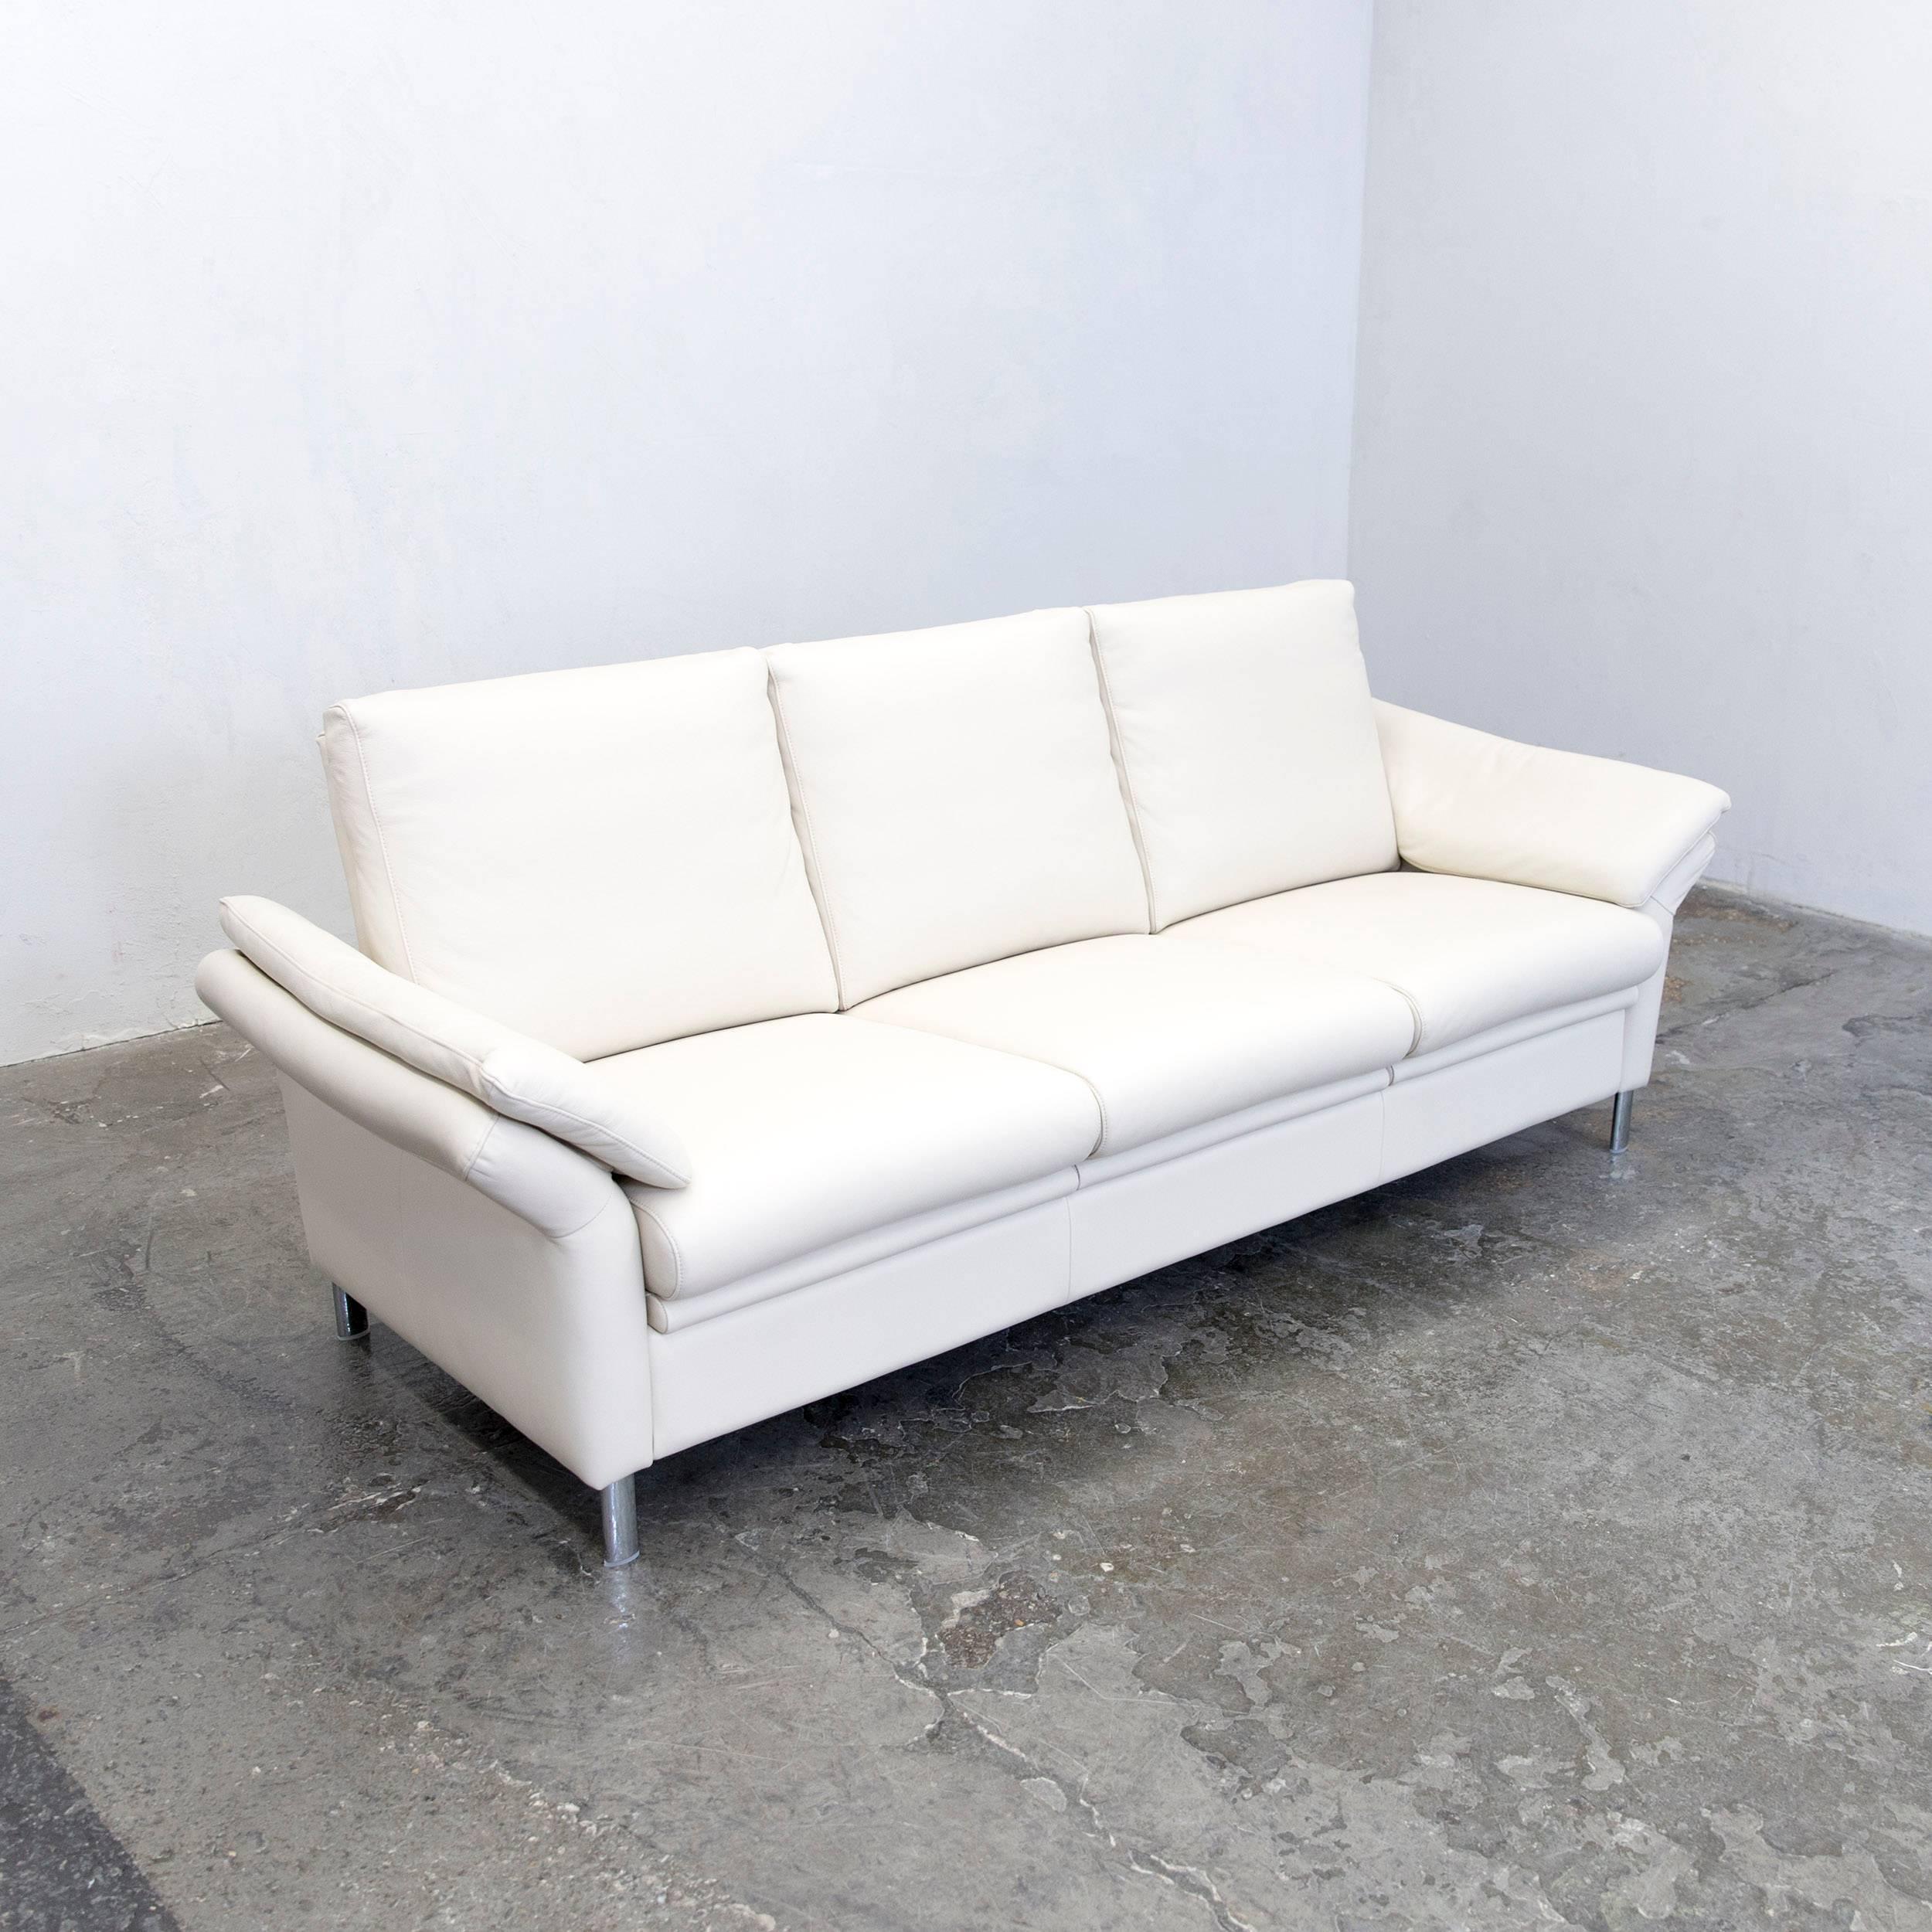 Künstlerisch Schillig Sofas Sammlung Von Ewald Designer Sofa Leather Crème Three-seat Function